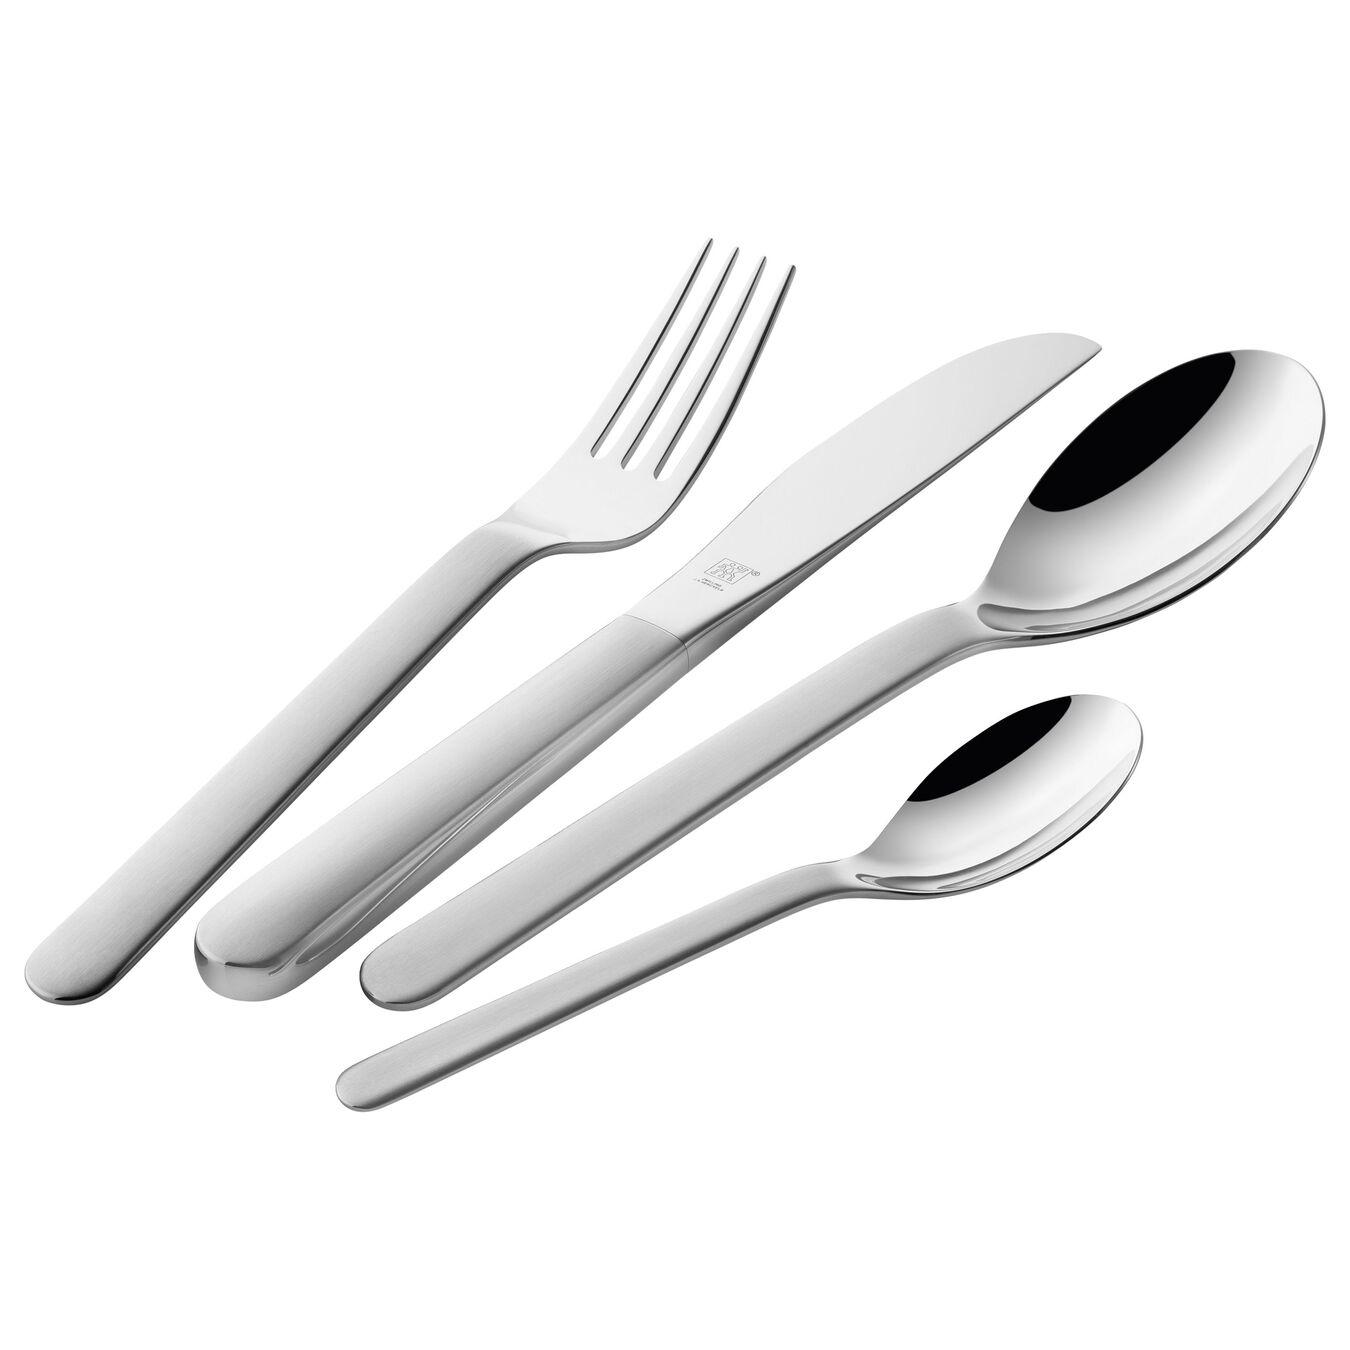 Çatal Kaşık Bıçak Seti | mat/parlak | 68-parça,,large 1